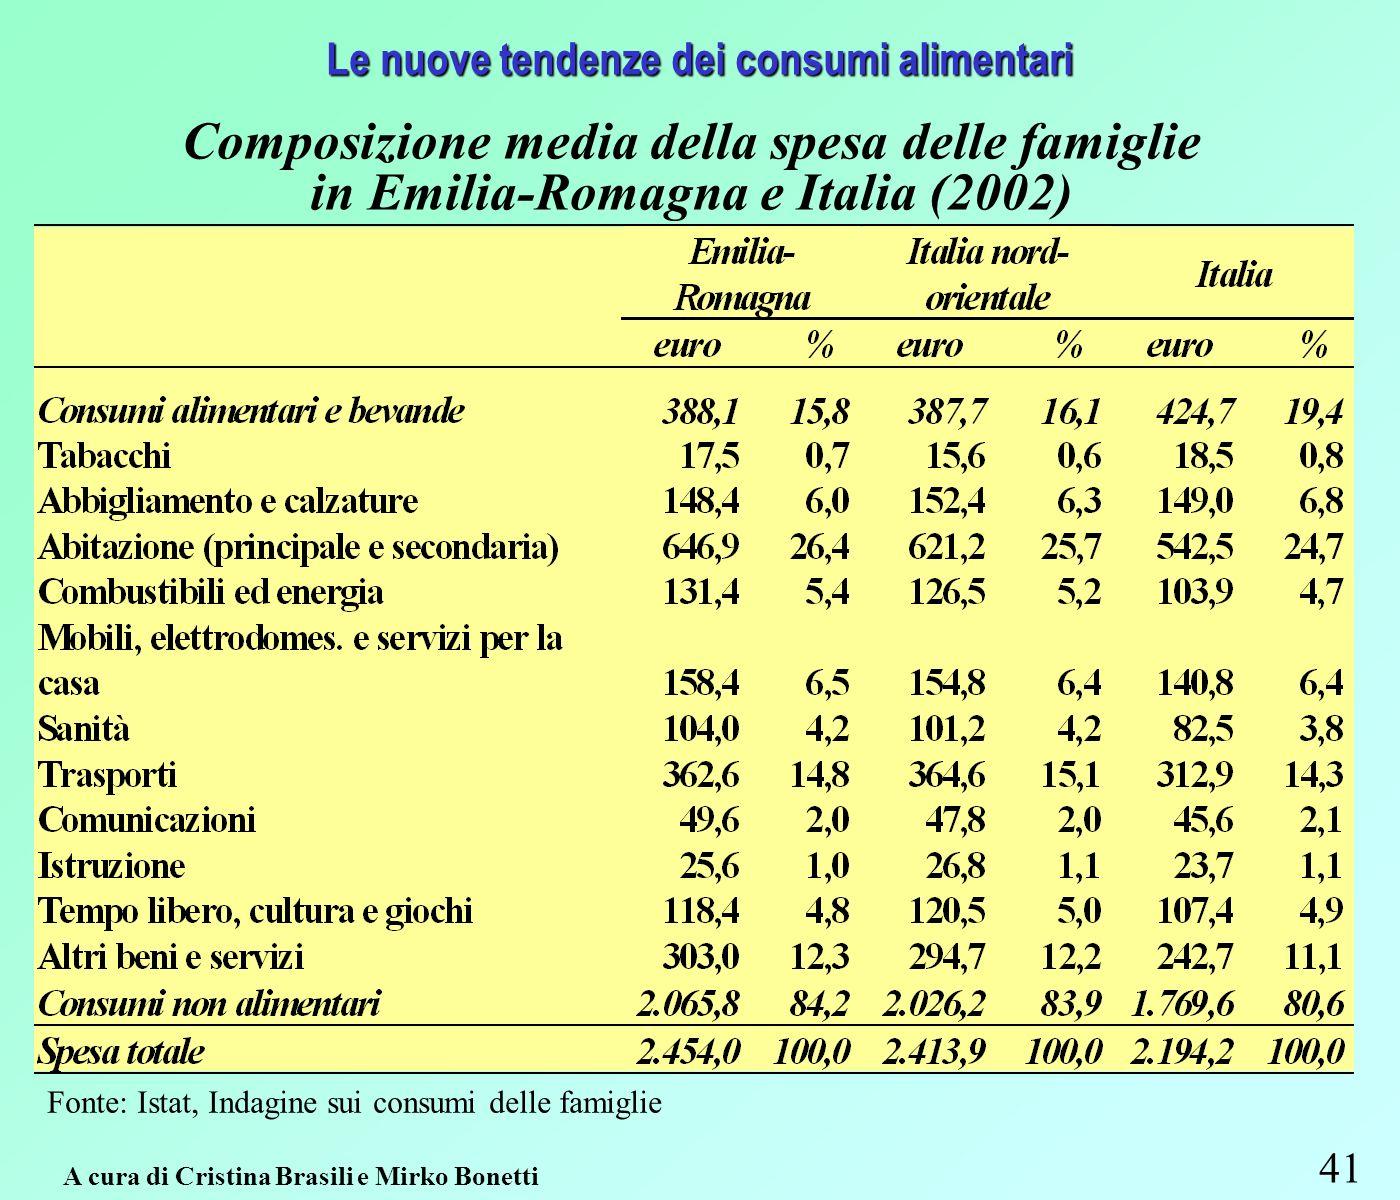 41 A cura di Cristina Brasili e Mirko Bonetti Le nuove tendenze dei consumi alimentari Composizione media della spesa delle famiglie in Emilia-Romagna e Italia (2002) Fonte: Istat, Indagine sui consumi delle famiglie